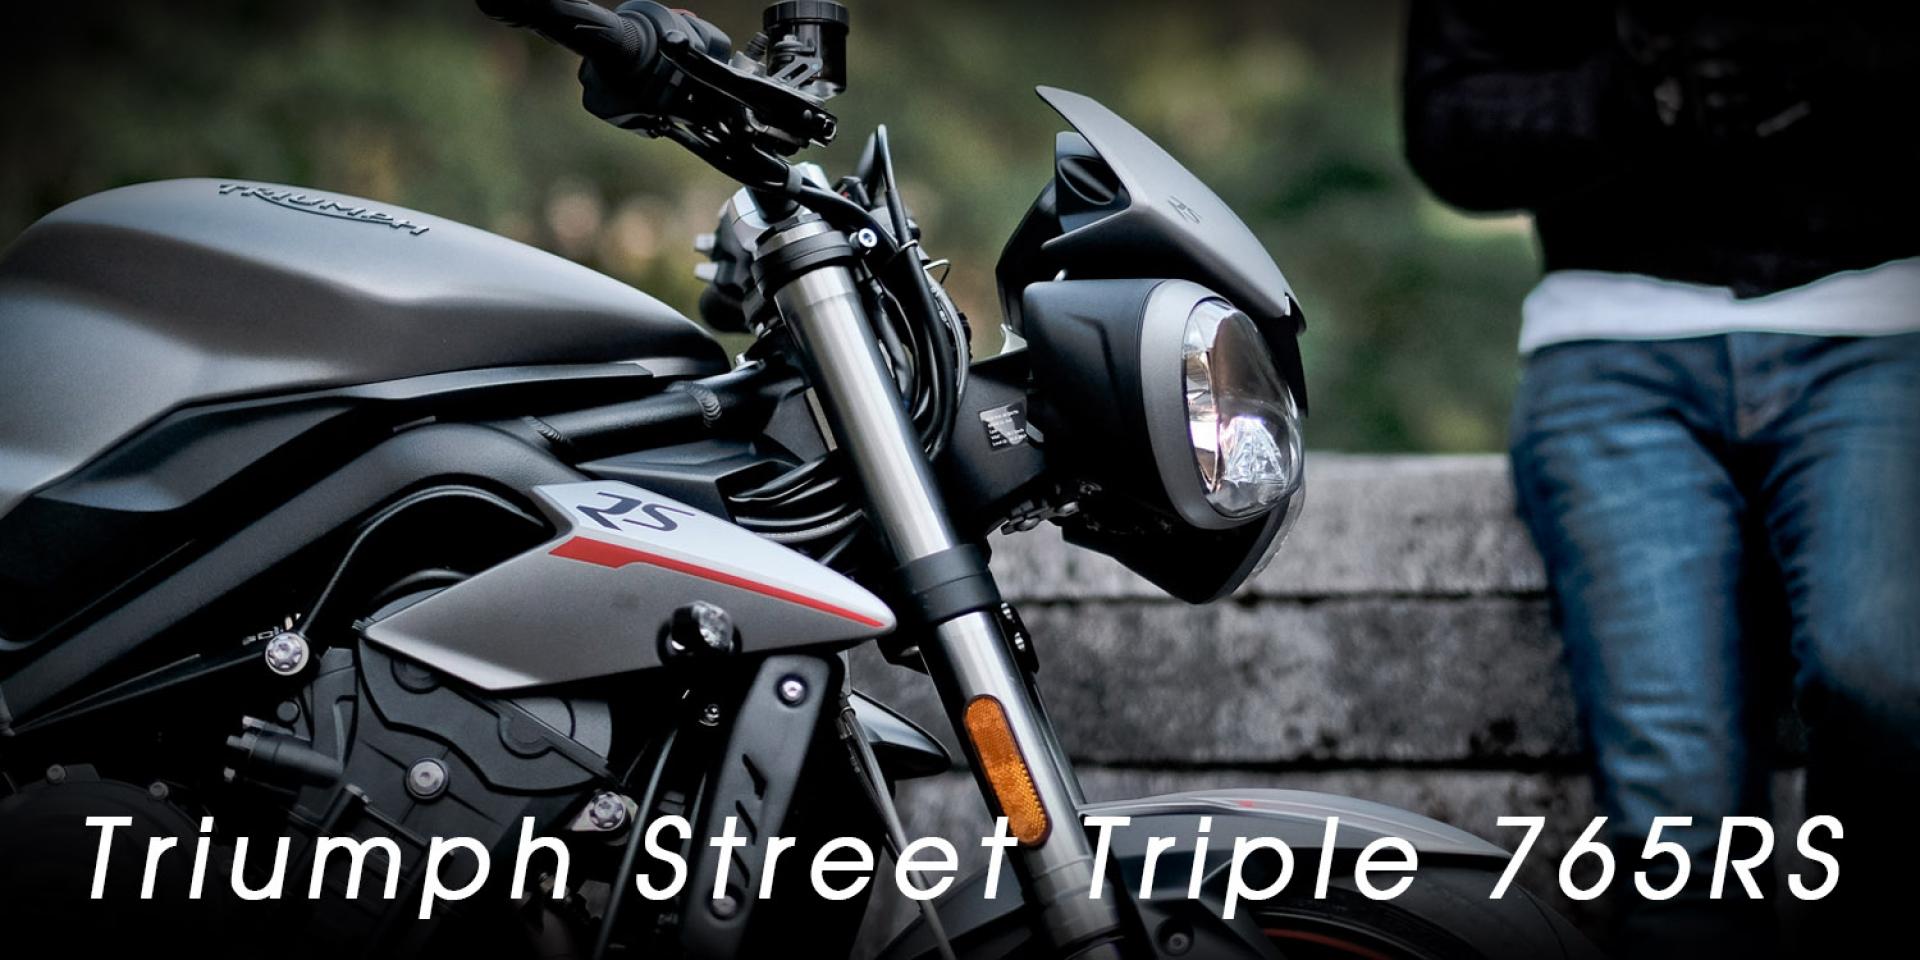 允文允武的英國紳士。Triumph Street Triple 765RS